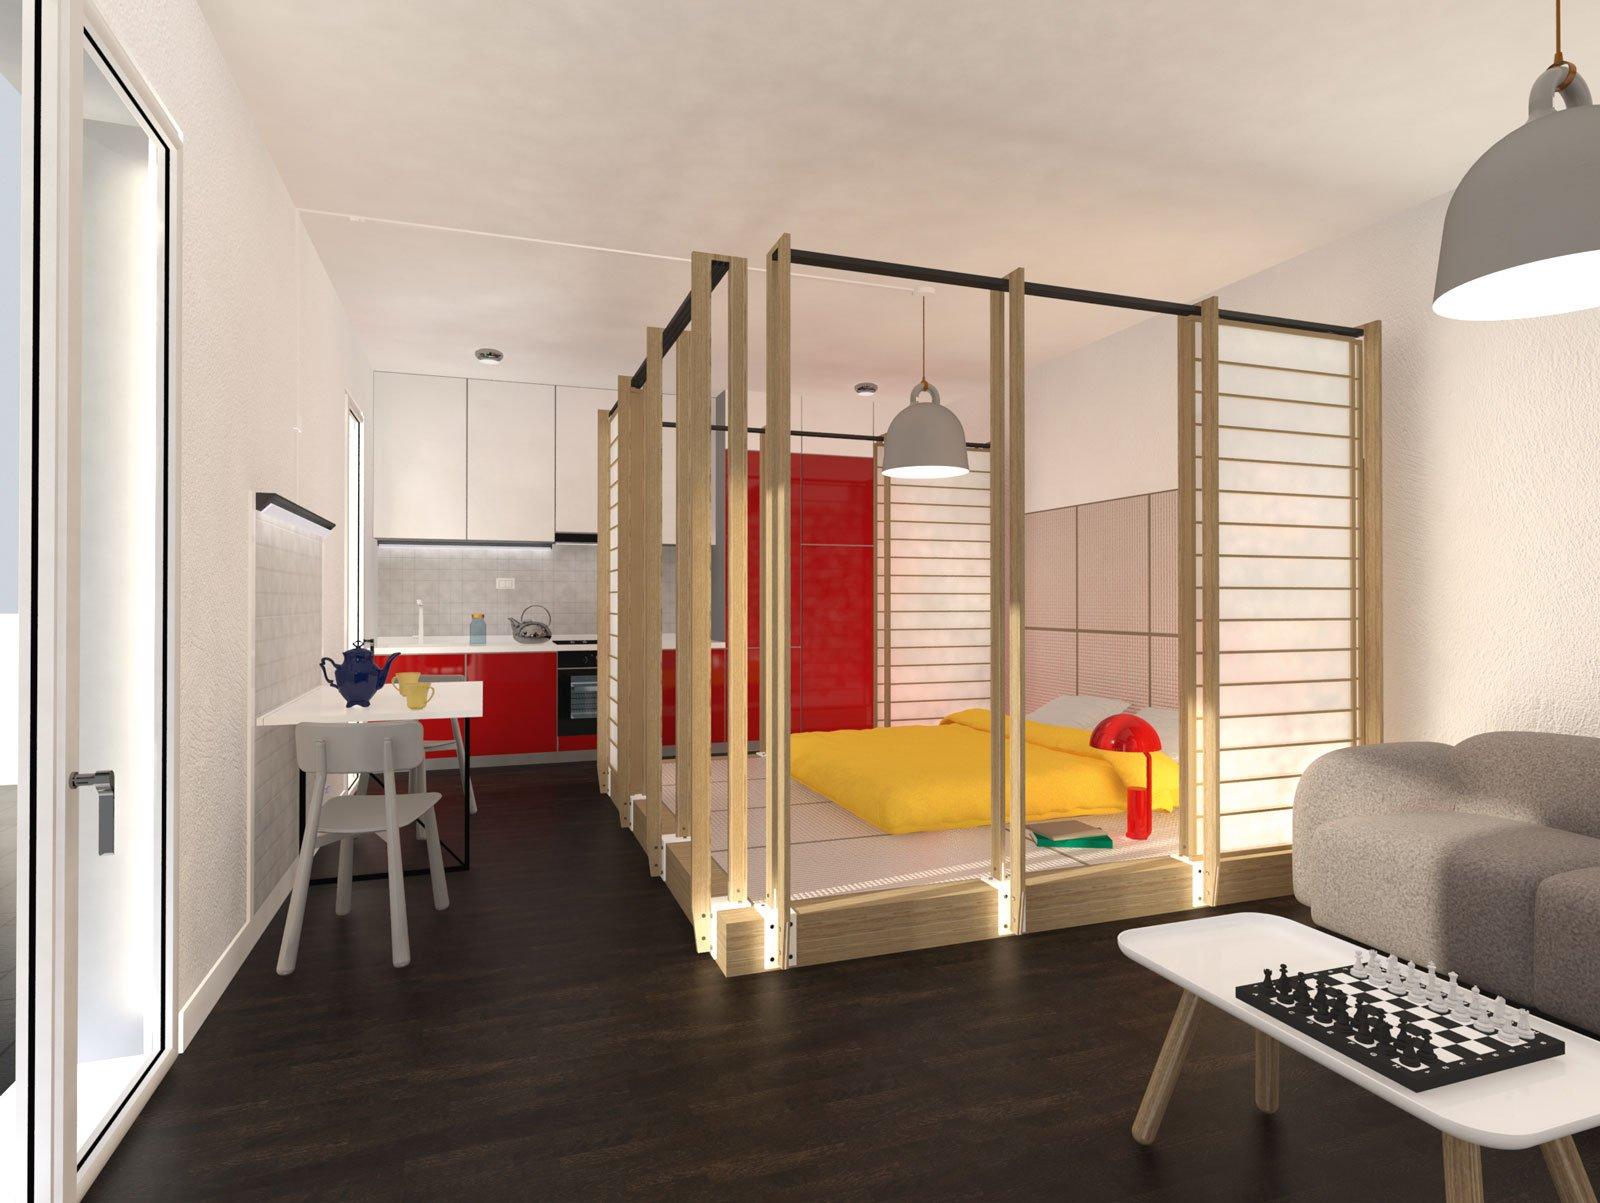 Come ricavo una zona notte schermata guarda il progetto for Come progettare un appartamento con una camera da letto